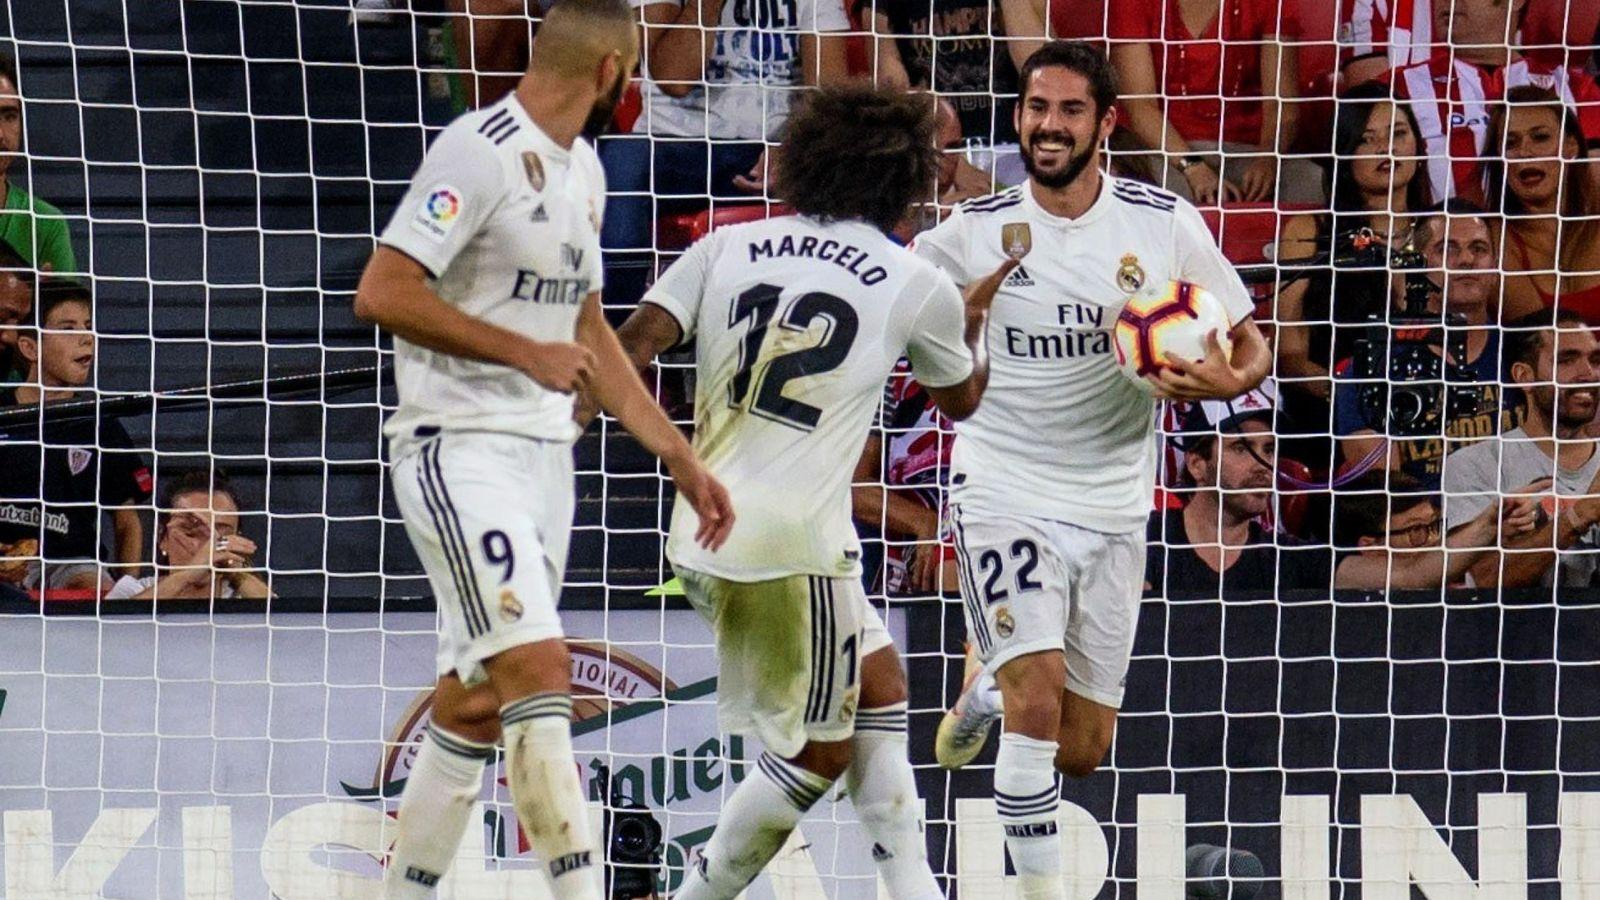 Foto: Marcelo celebra el gol que marcó Isco contra el Athletic de Bilbao en San Mamés. (Efe)